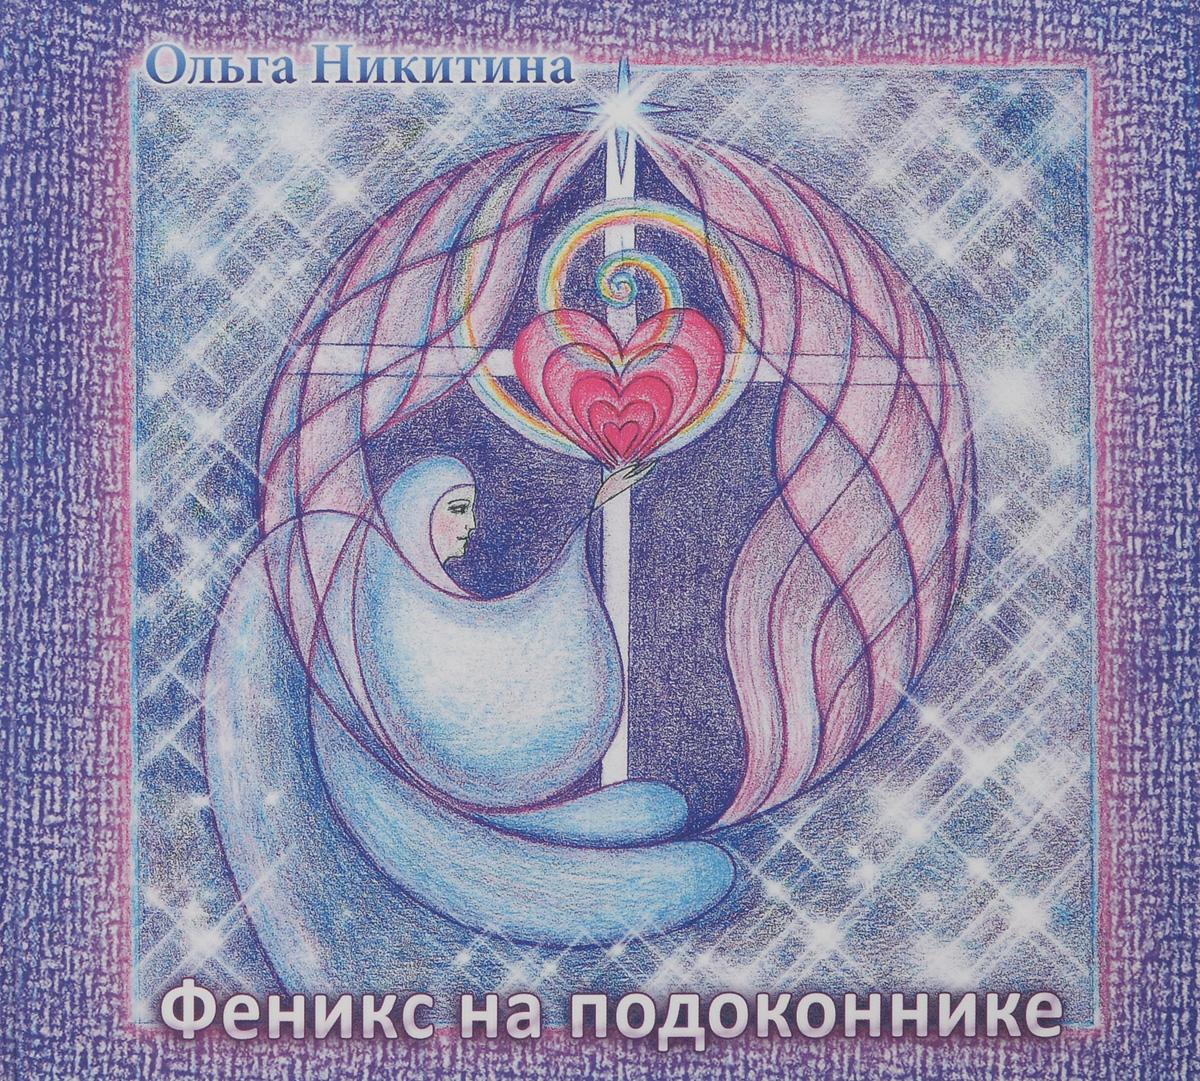 Ольга Никитина. Феникс на подоконнике